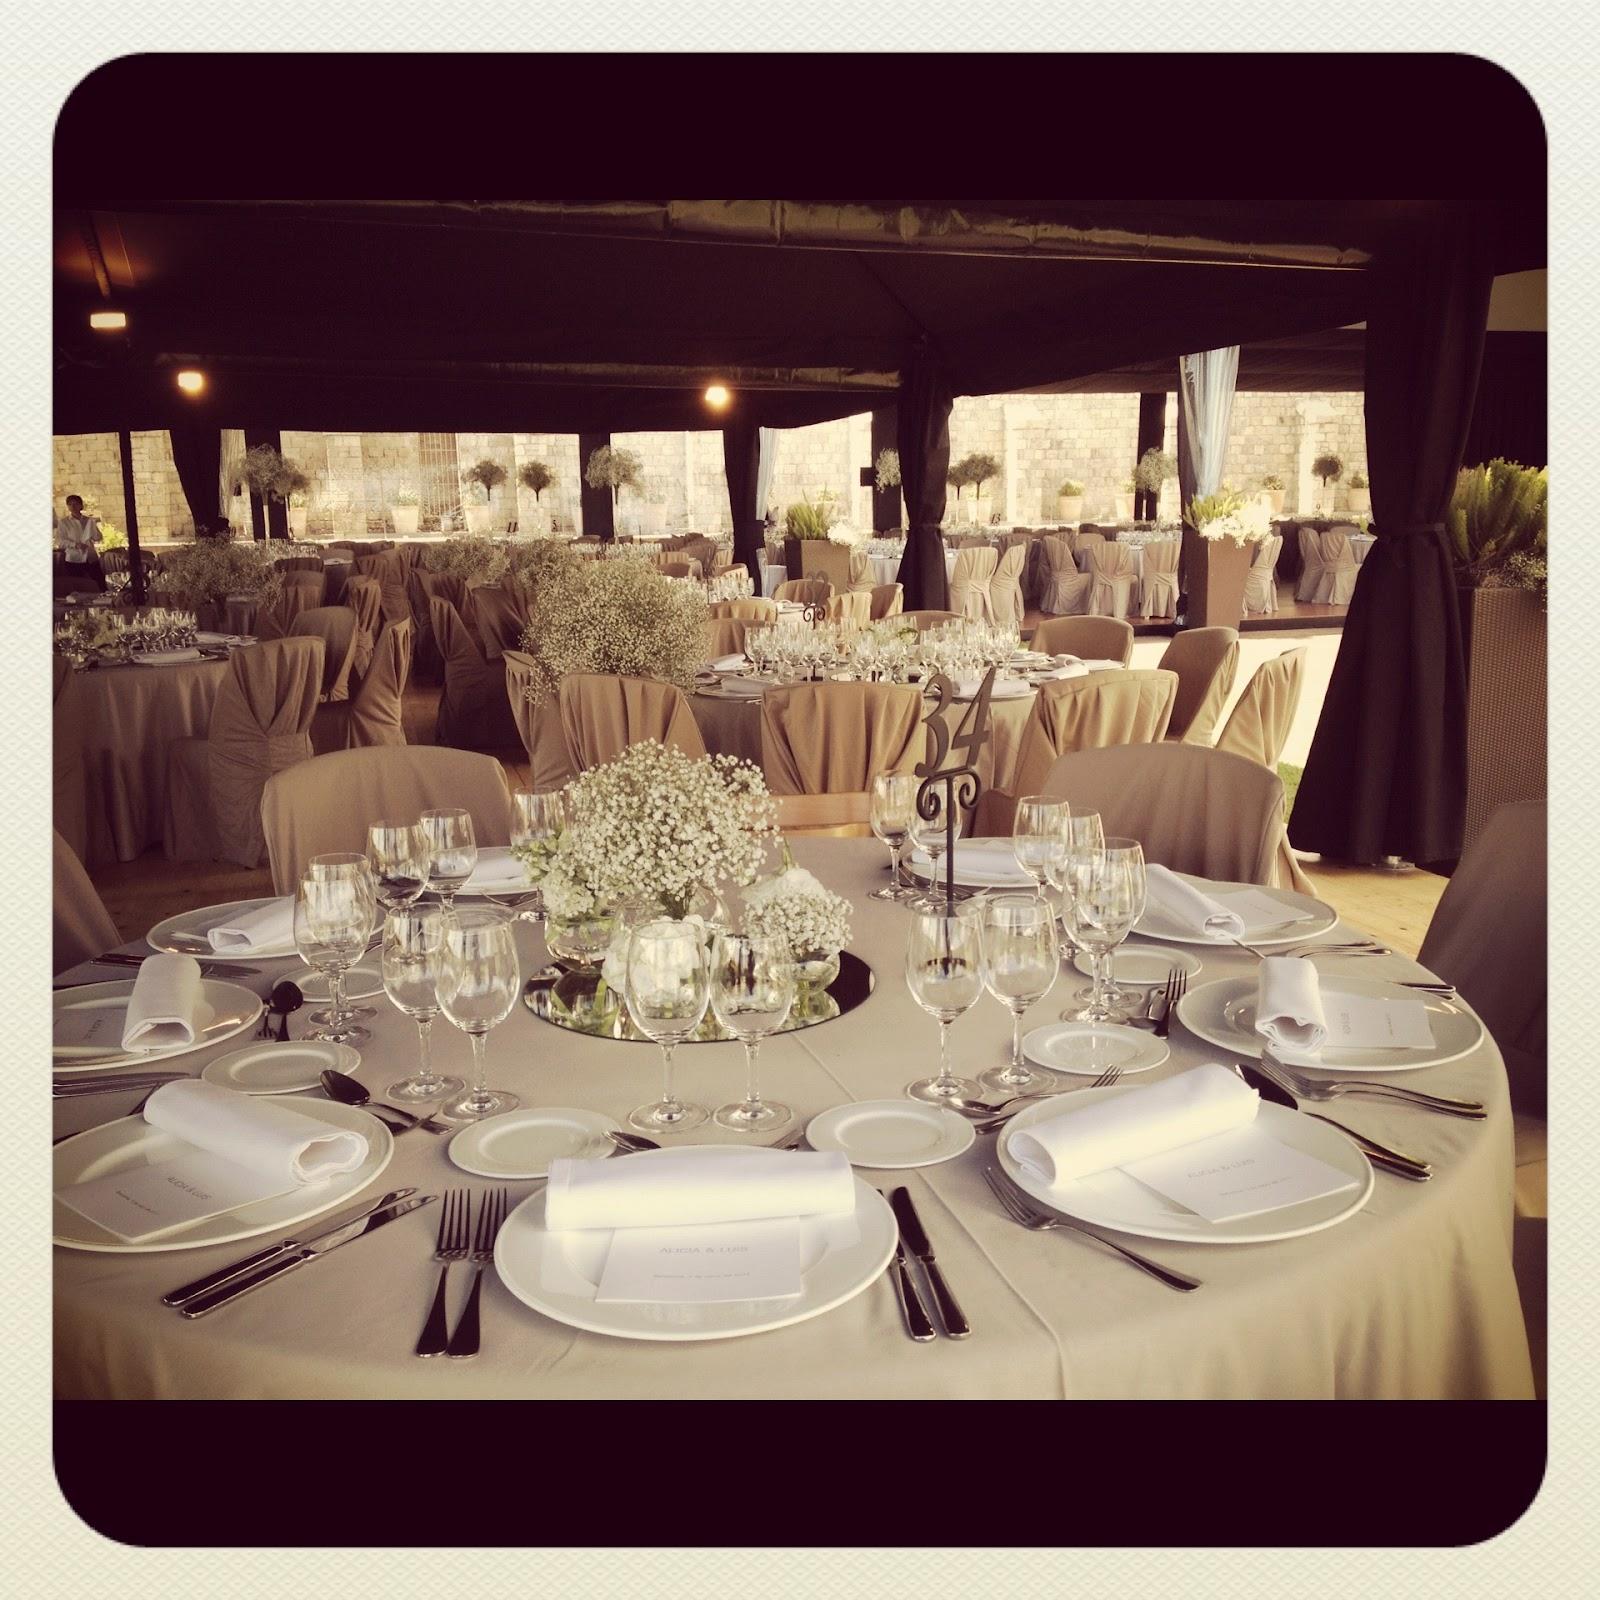 Prats fatj catering una boda sublime en el hotel miramar - Salon mediterraneo ...